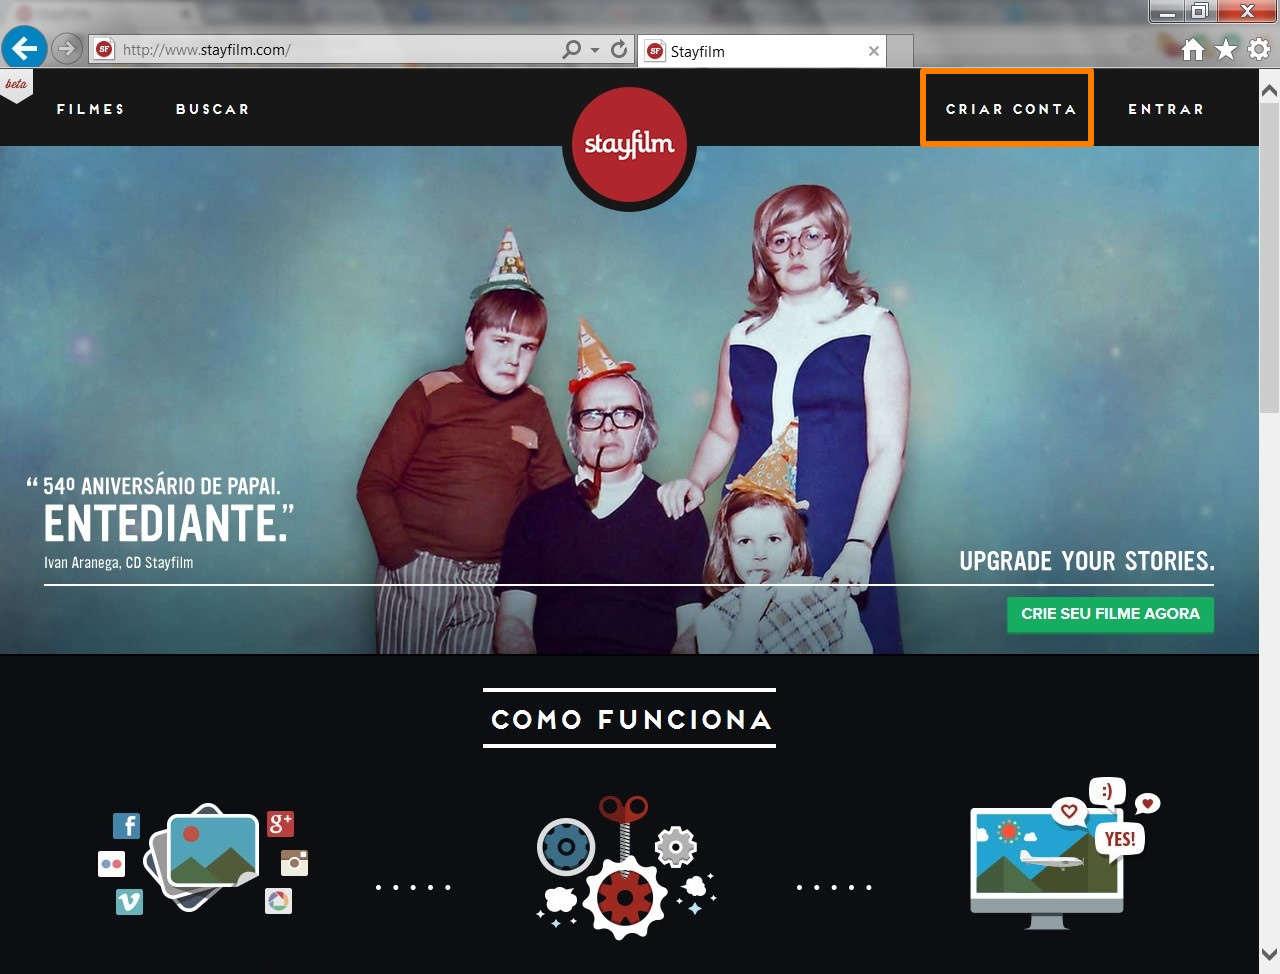 Acesse a página do Stayfilm e clique na opção em destaque para criar sua conta de usuário (Foto: Reprodução/Daniel Ribeiro)